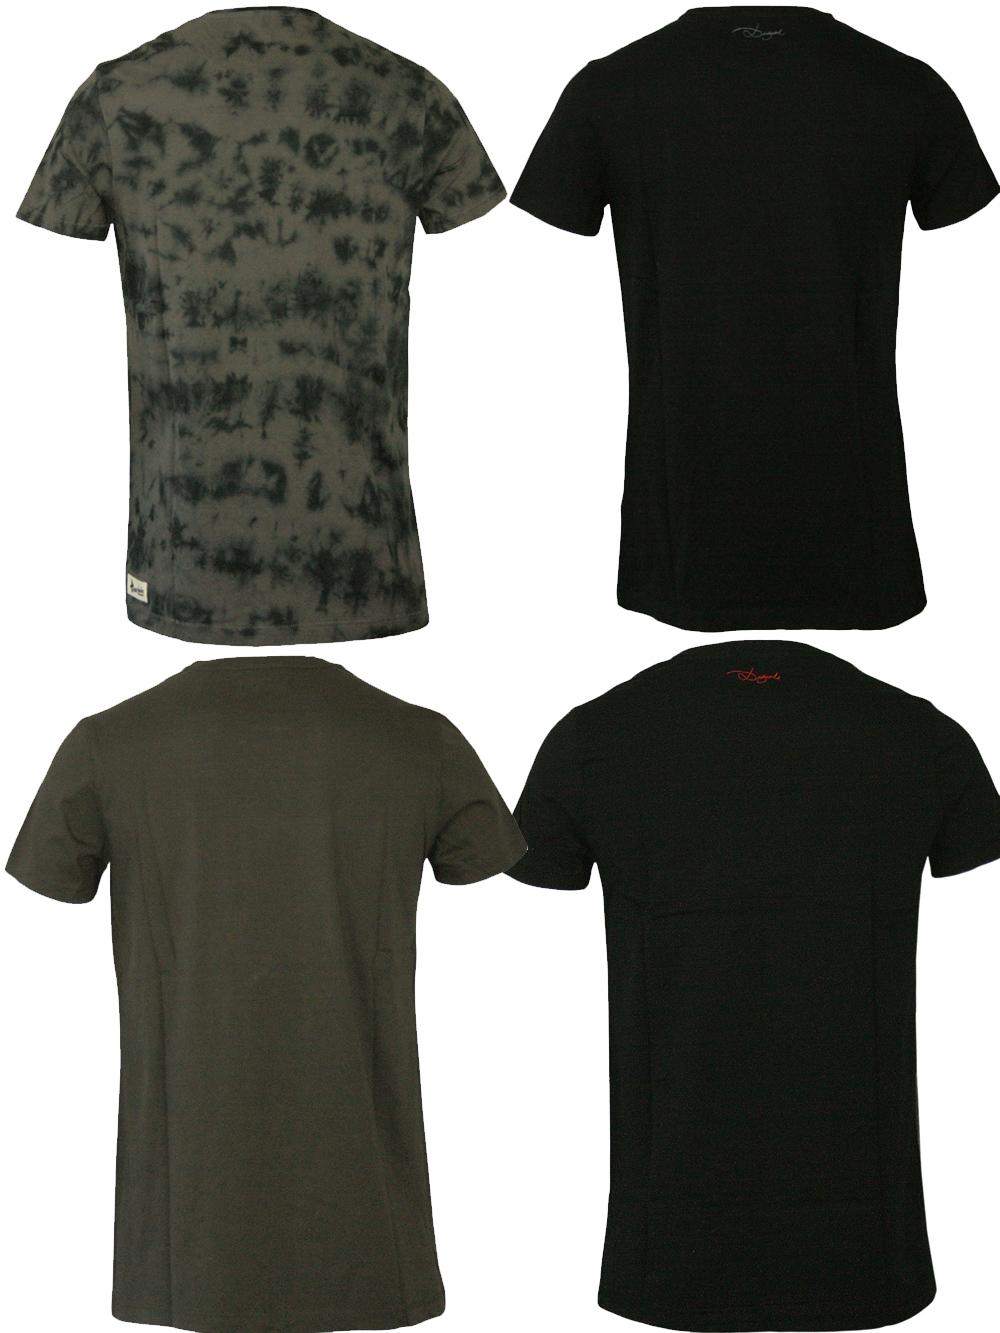 stylische desigual herren sommer t shirts mit animal print 2014 ebay. Black Bedroom Furniture Sets. Home Design Ideas